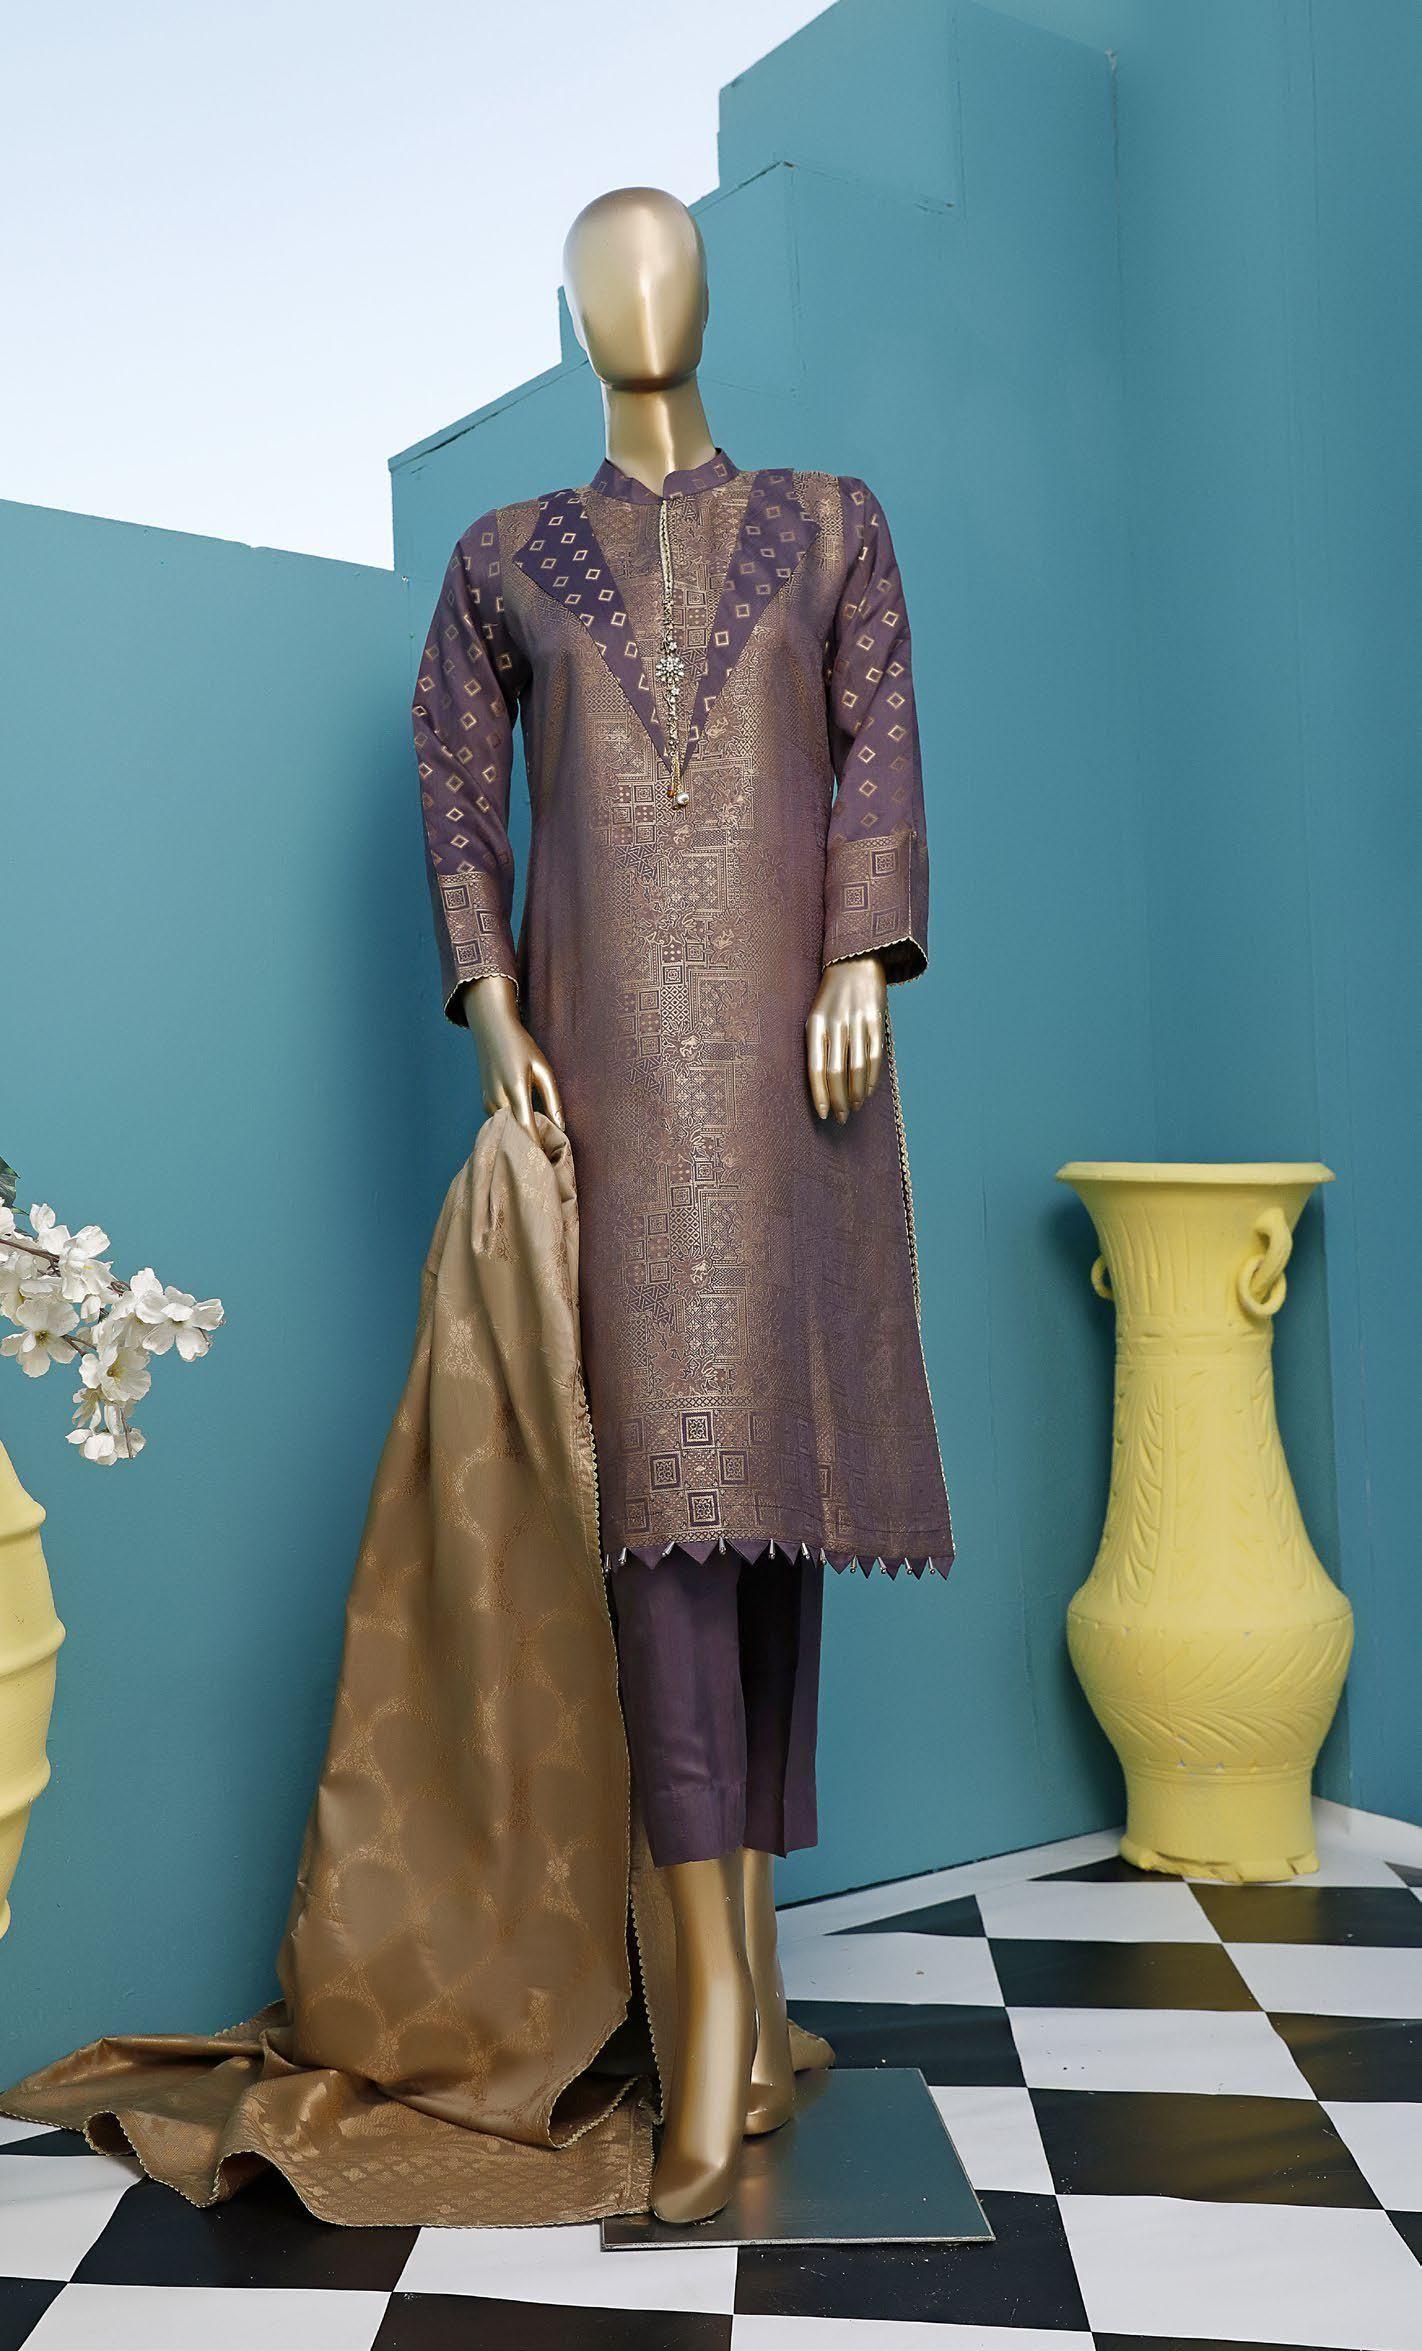 Shop Abaya Online Abaya Fashion Abaya Online Shopping Eastessence Dresses By Length Dresses Abayas Fashion